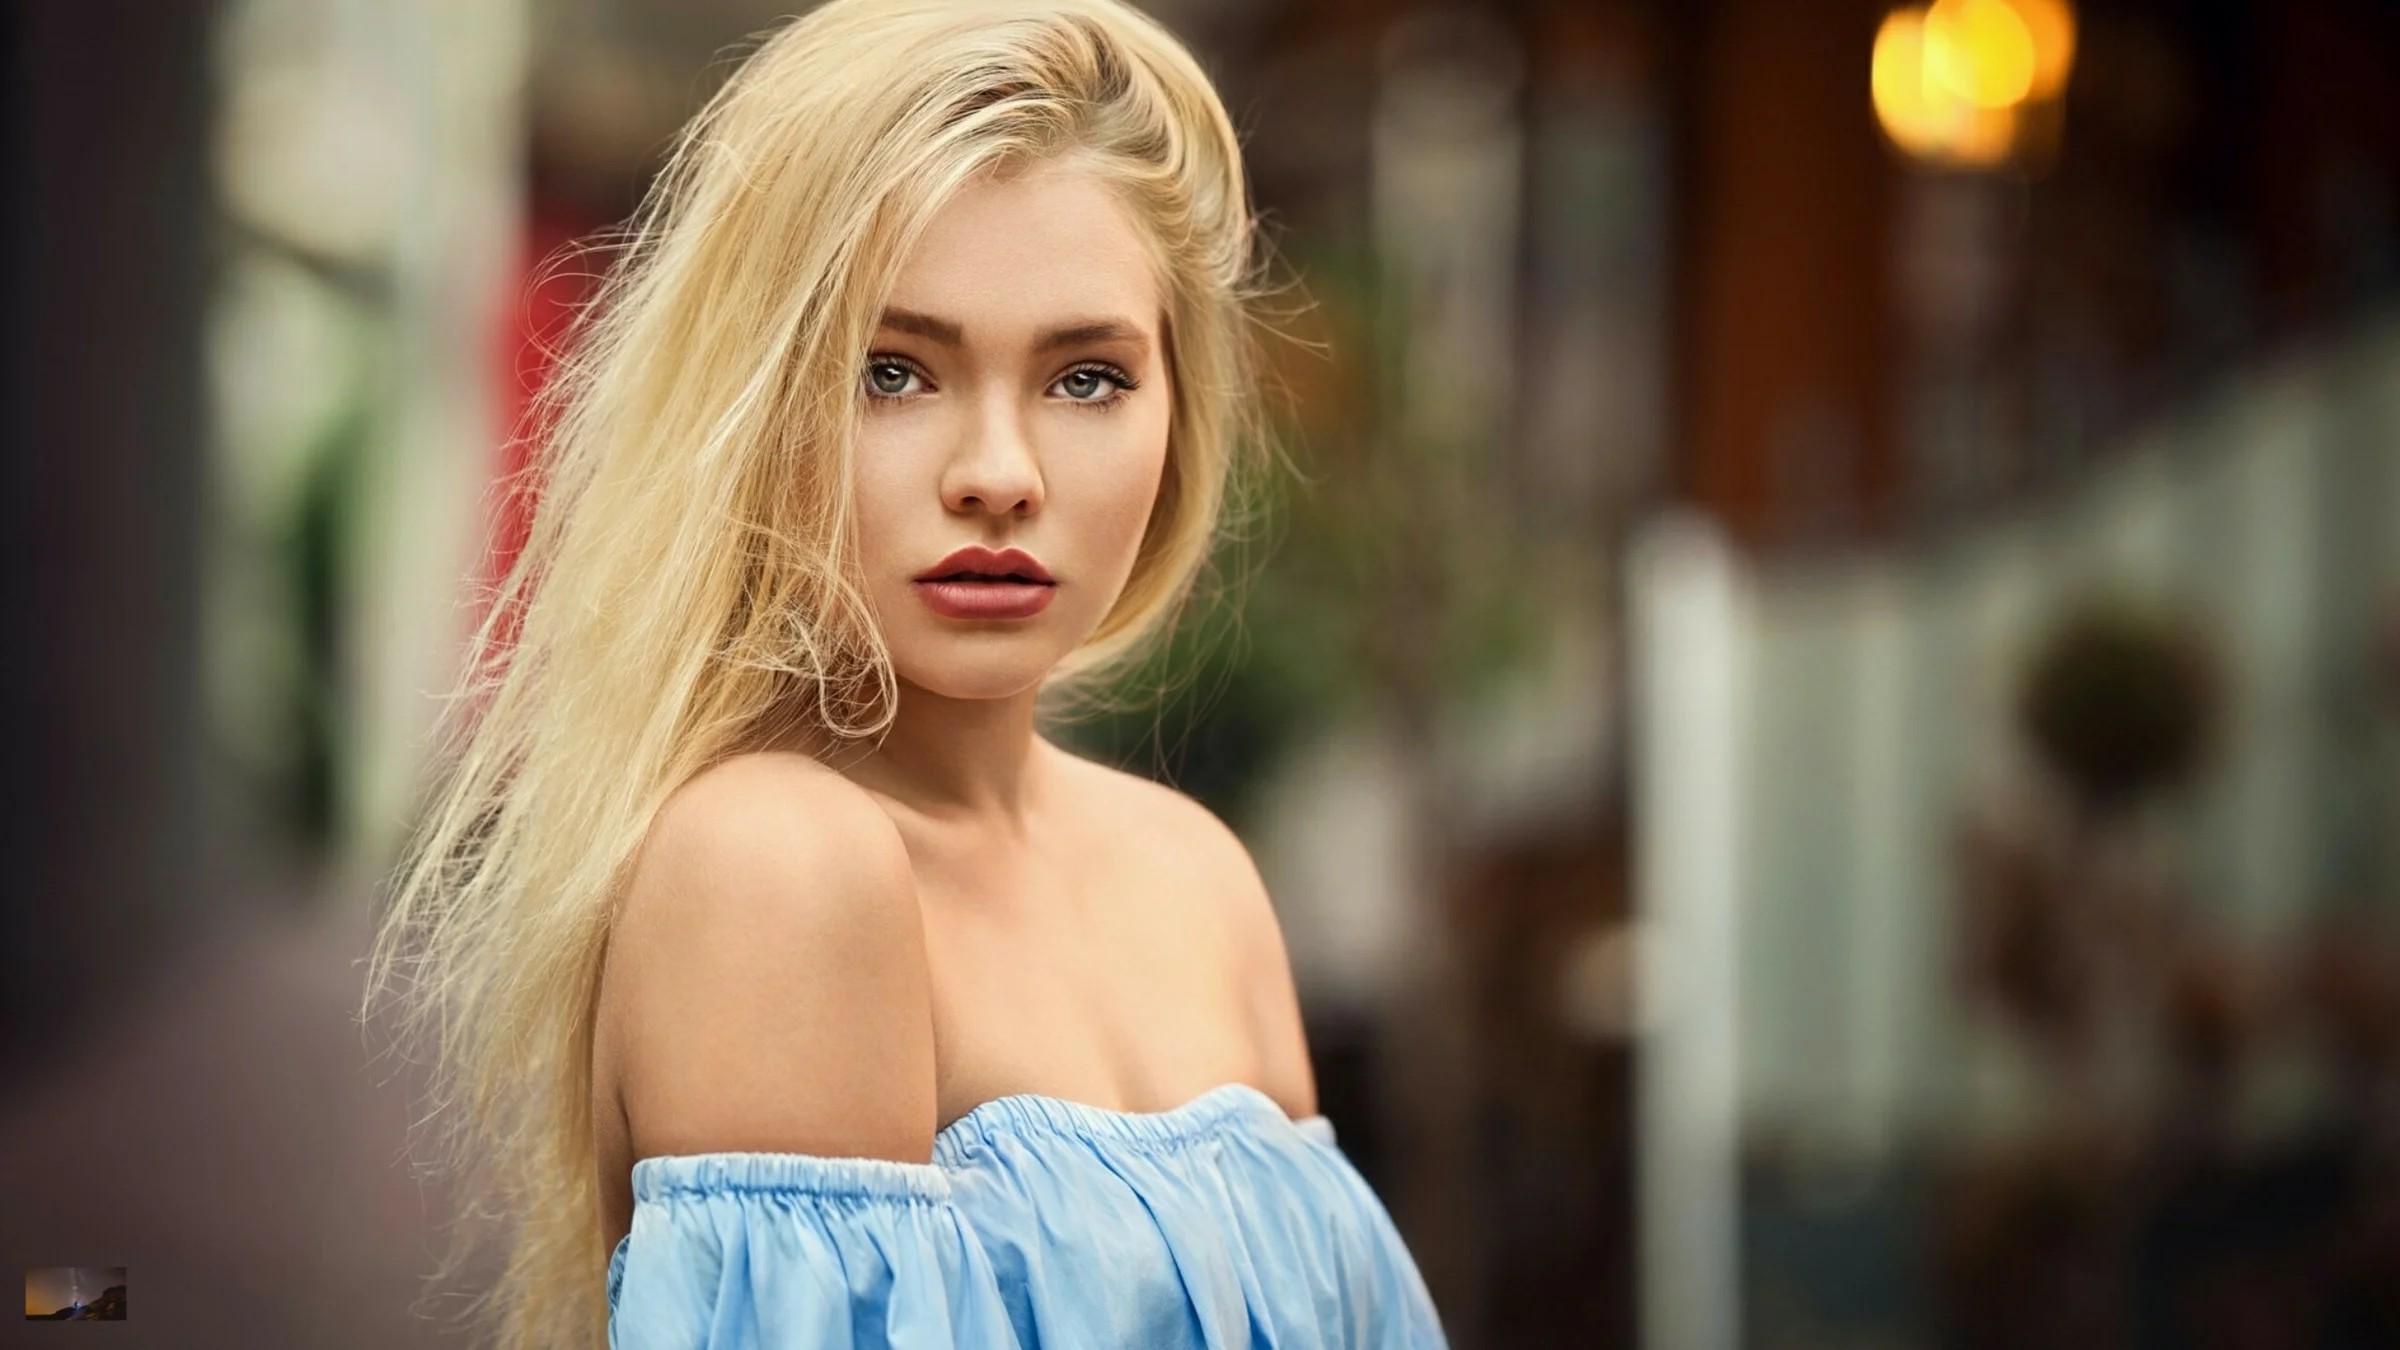 Фото девушка одна блондинка, порно фото альбины джанабаевой